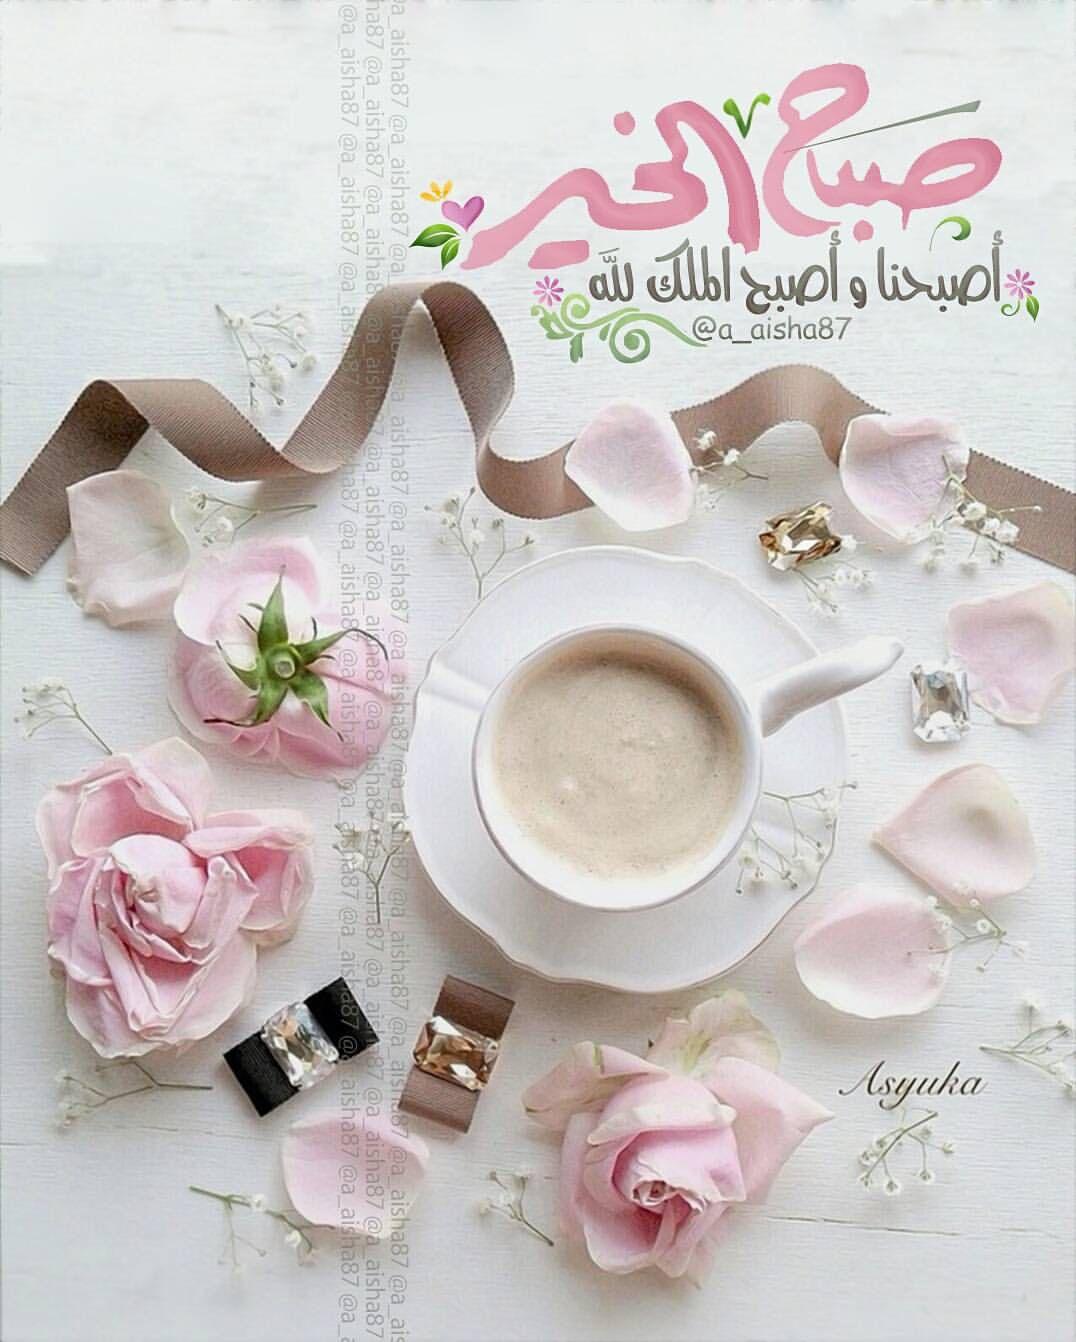 Desertrose Good Morning Good Morning Gd Morning Pics